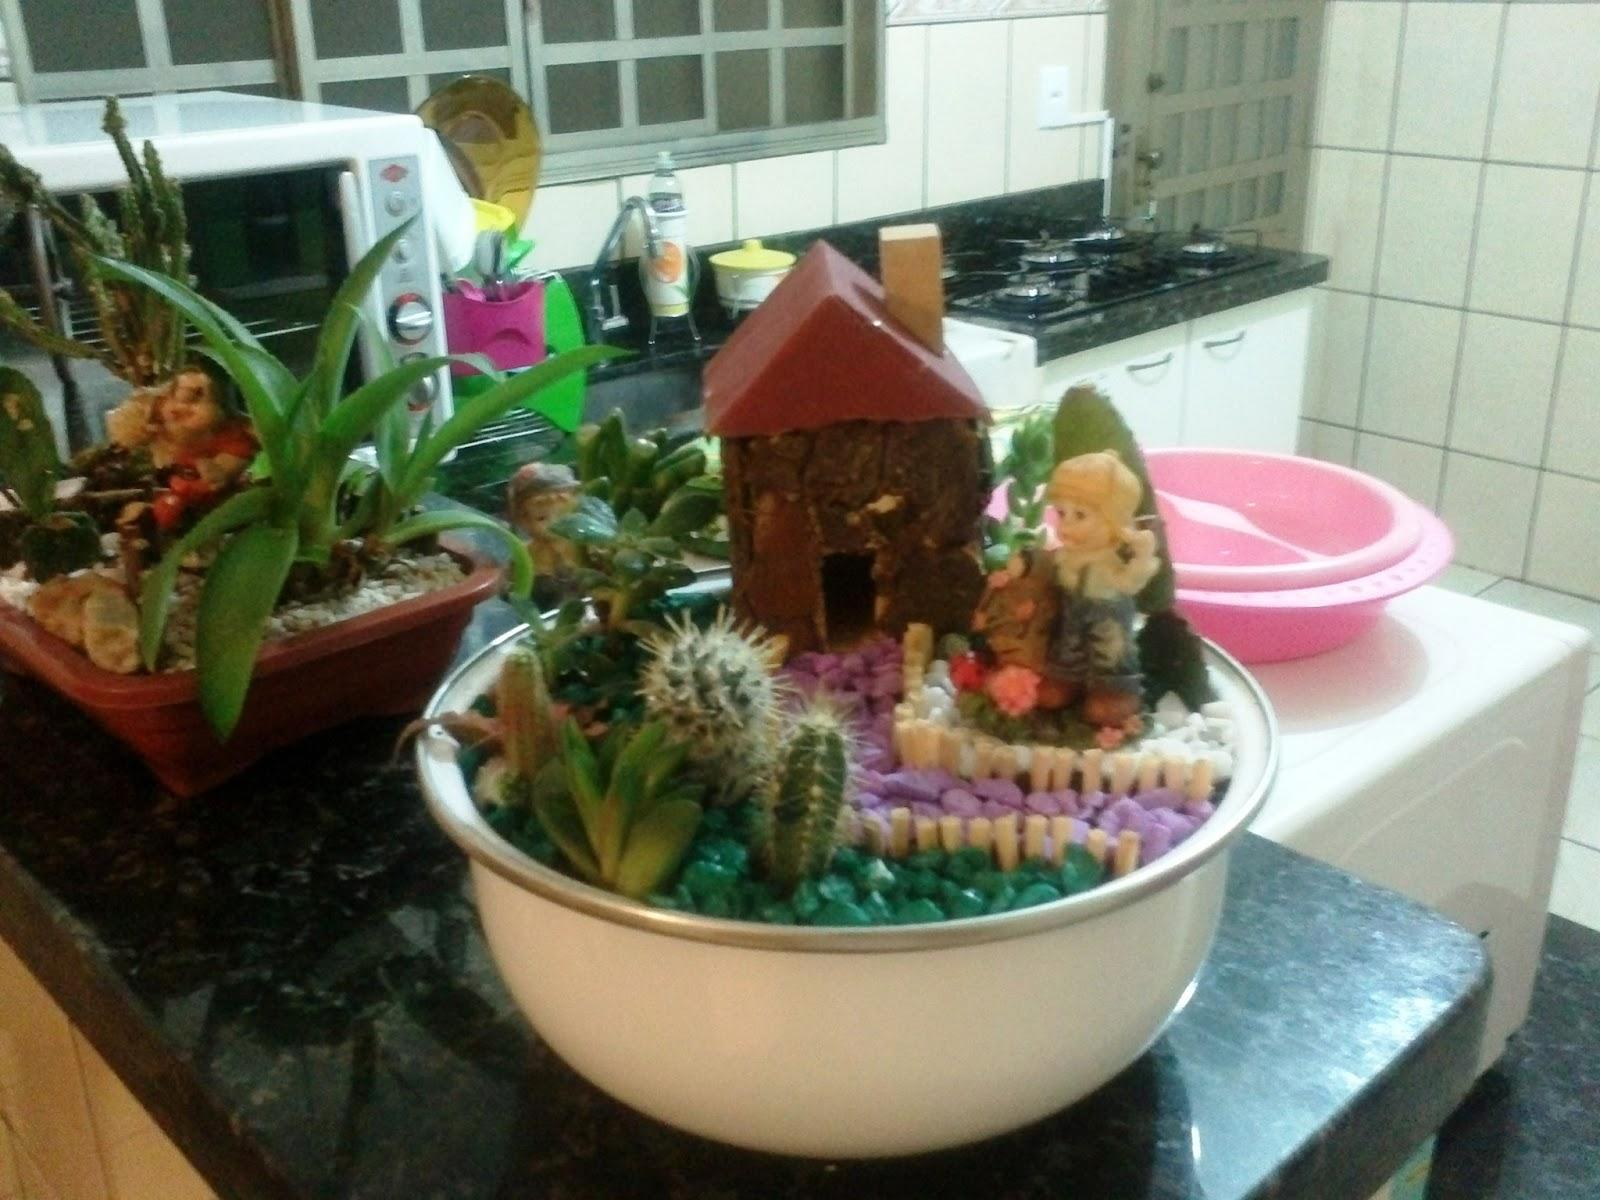 mini jardim cactos suculentas : mini jardim cactos suculentas:Inovando com Cactos e Suculentas.: Mini Jardim de Cactos e Suculentas